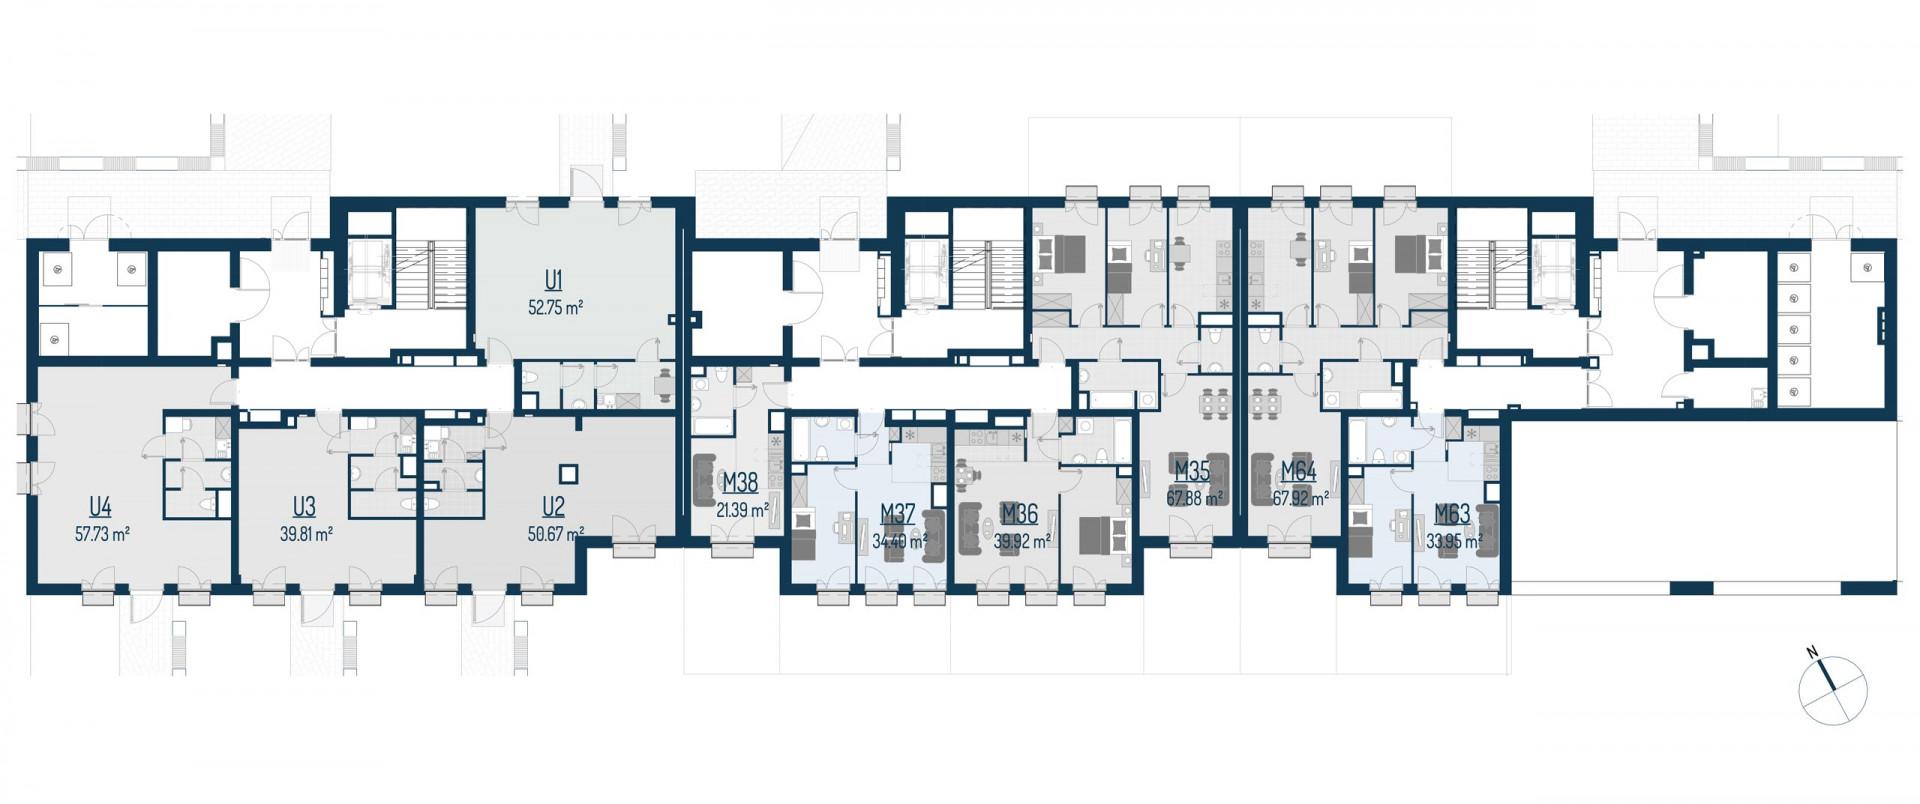 Zdrowe Stylove / budynek 1 / mieszkanie nr U4 rzut 2